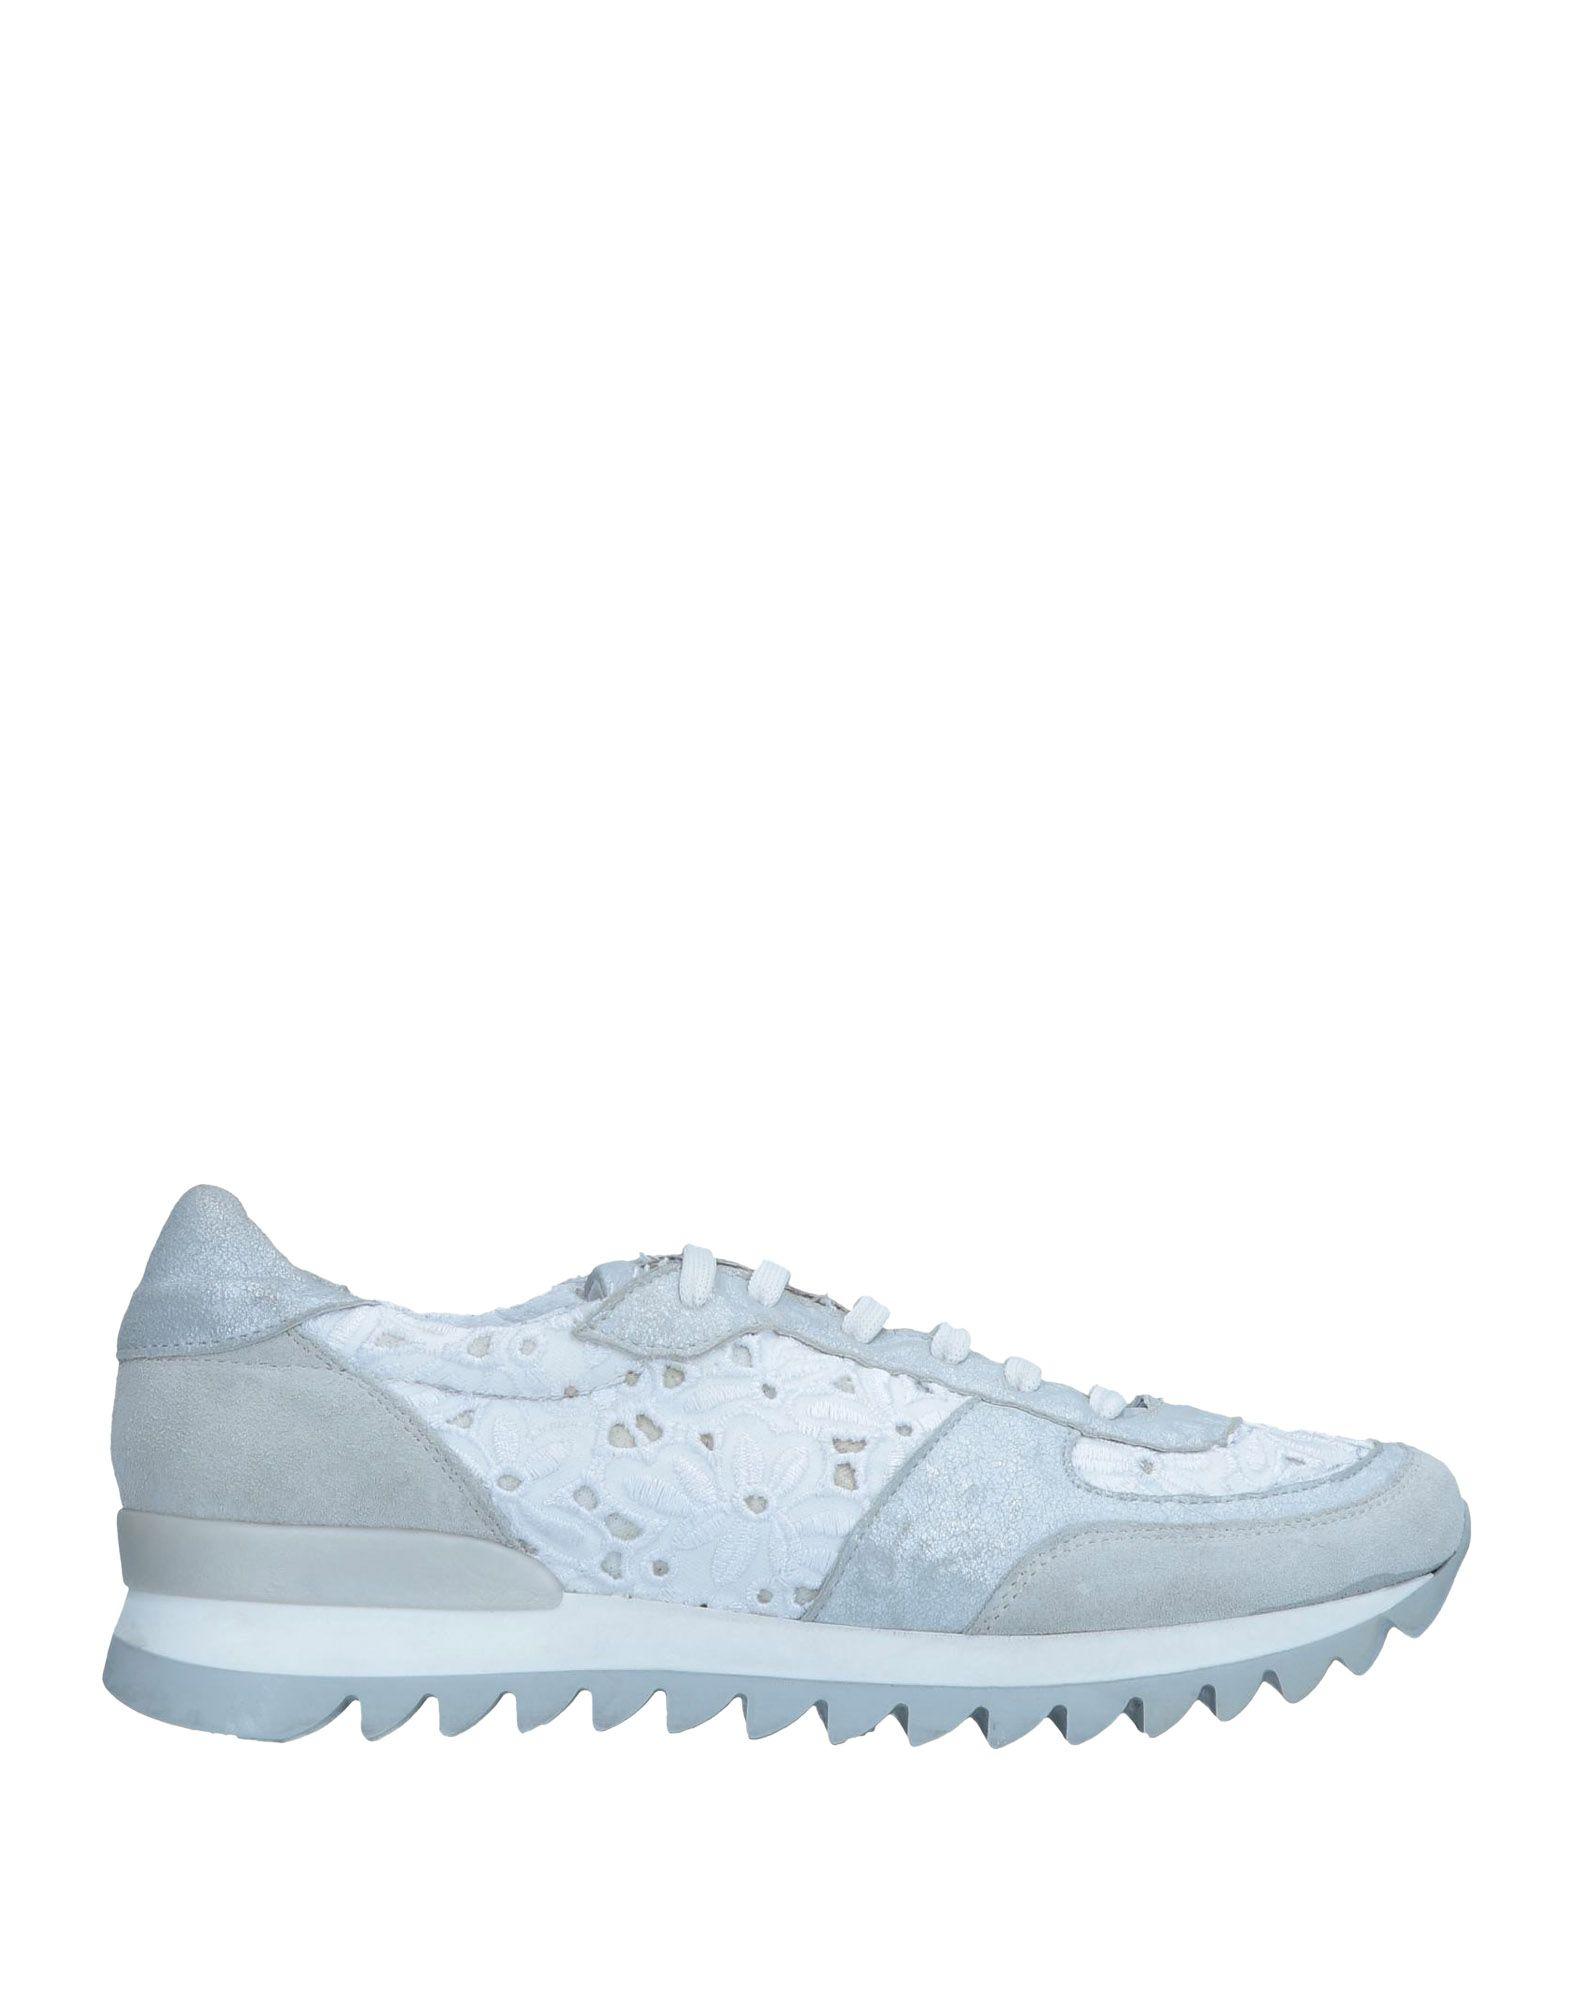 J.Ko Sneakers Damen  11546123ER Gute Qualität beliebte Schuhe